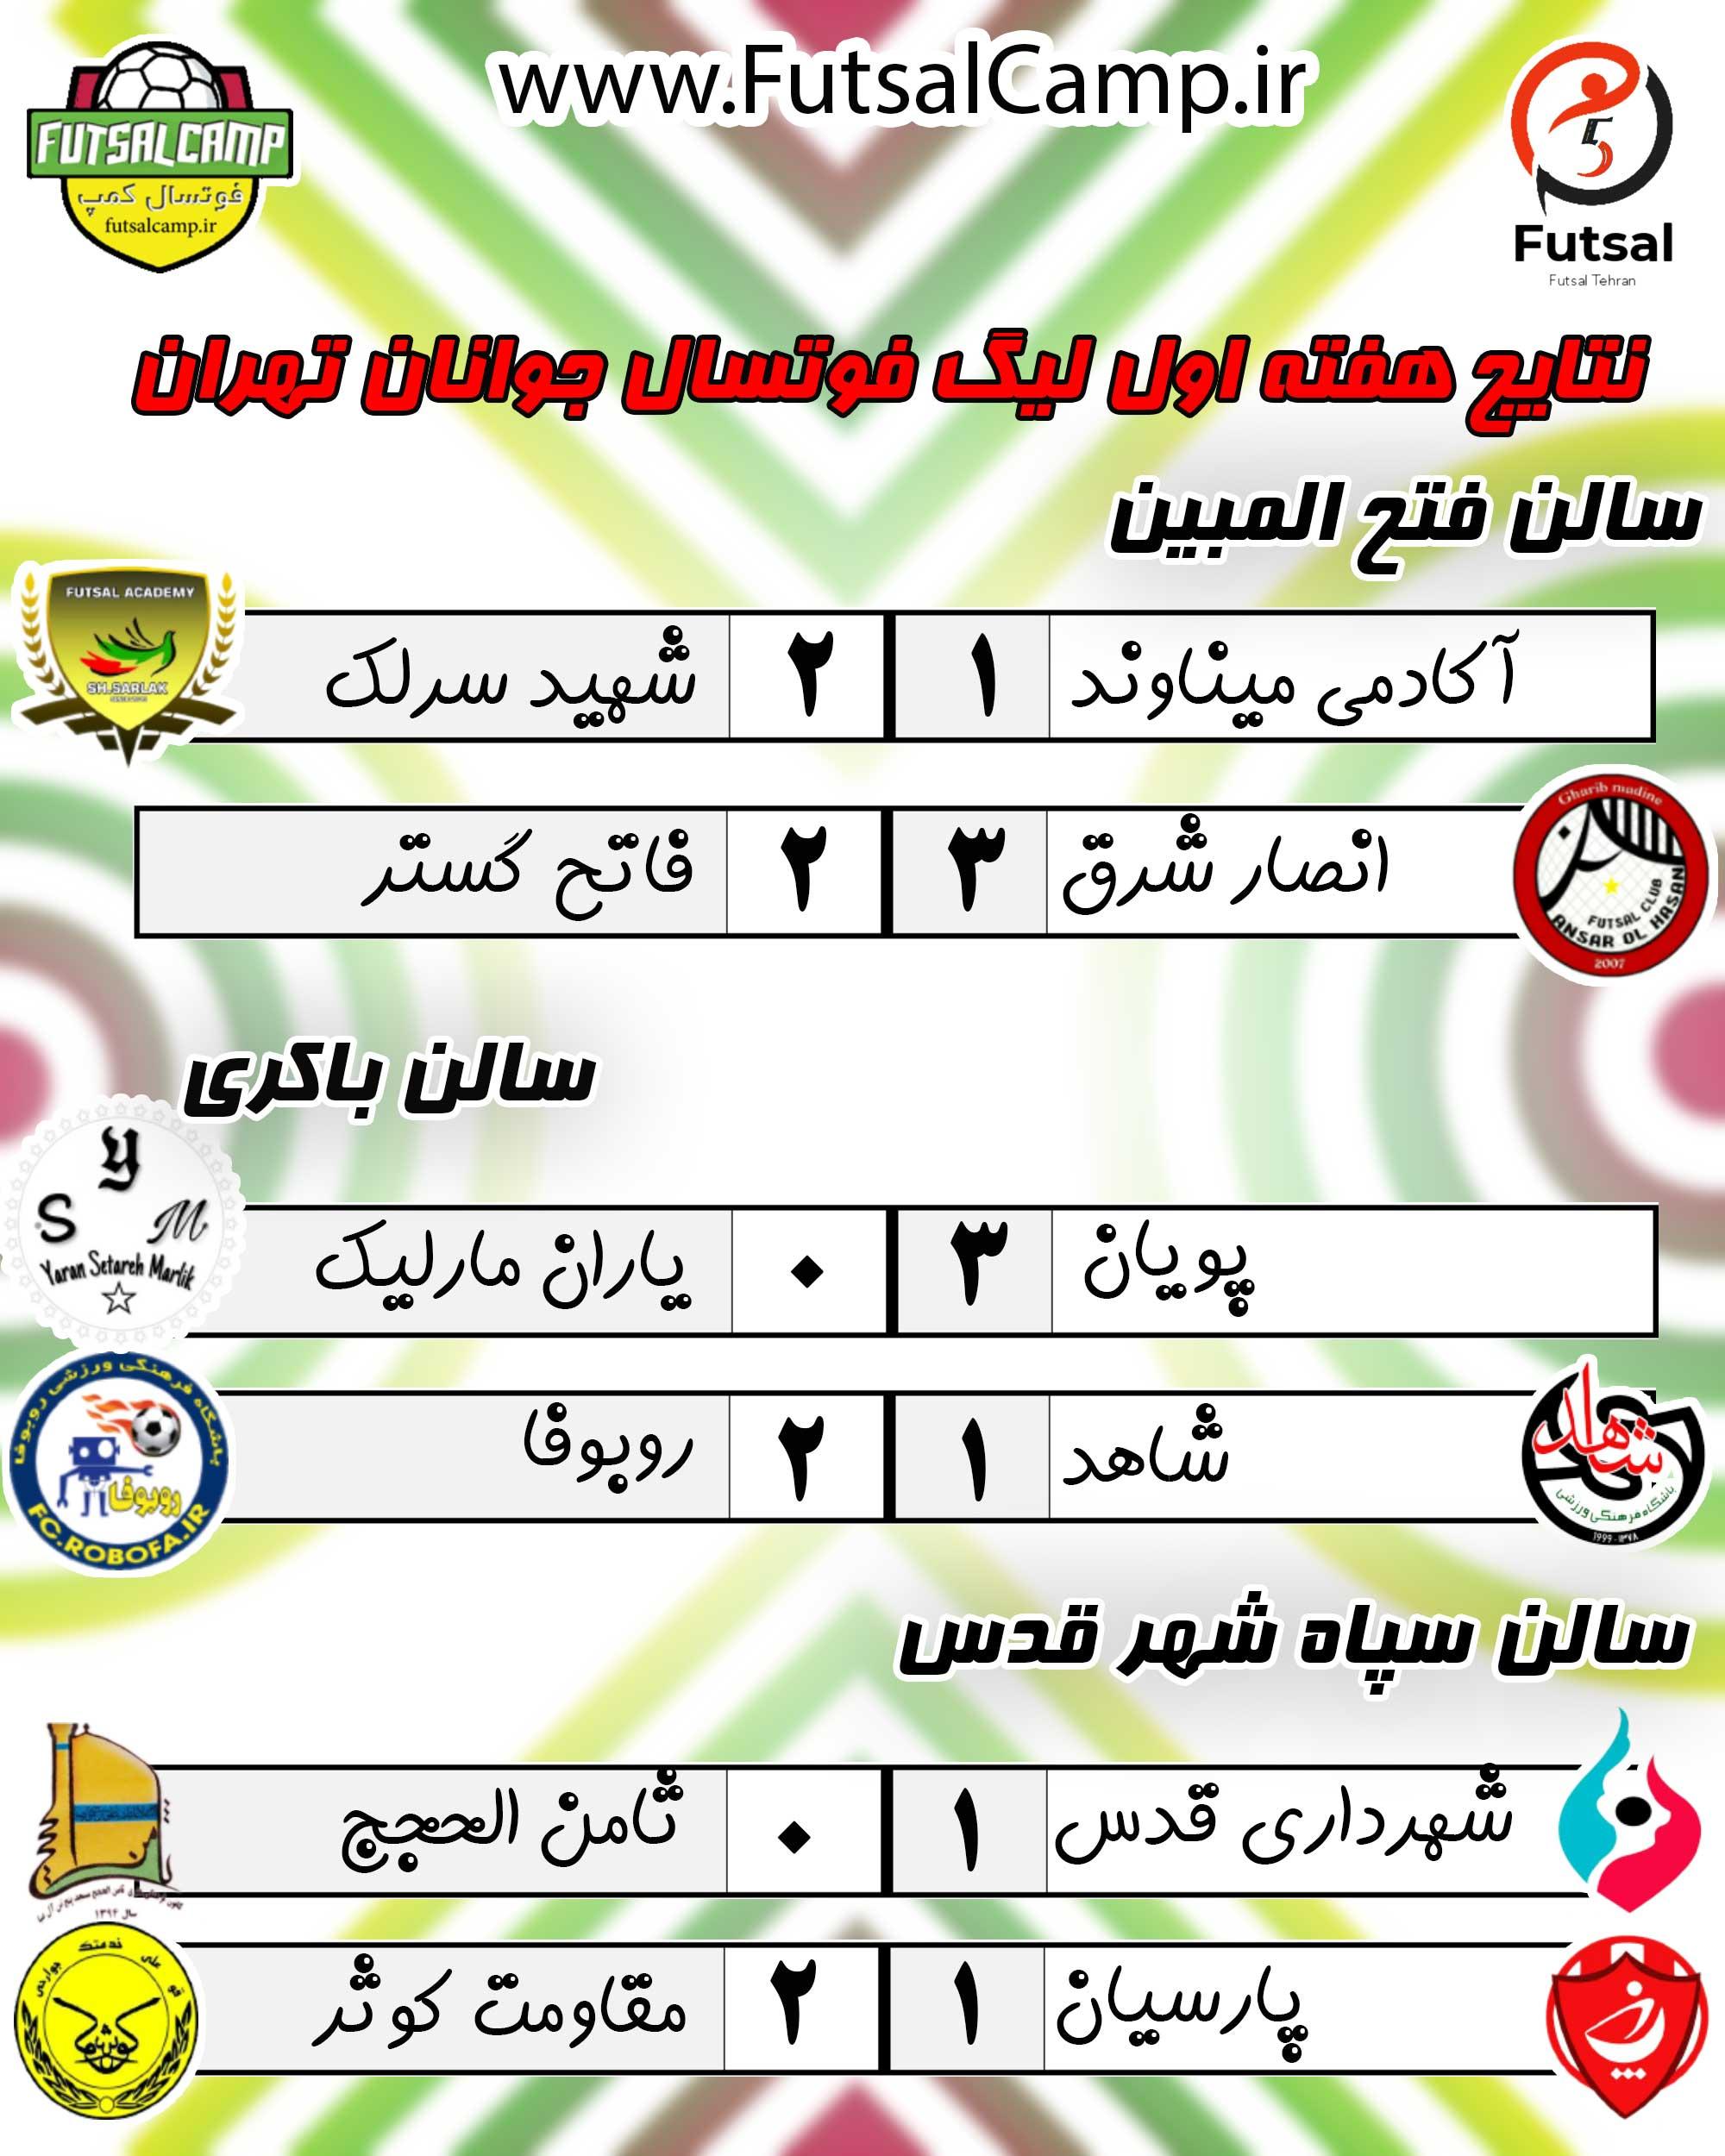 نتایج بازی های هفته اول لیگ فوتسال جوانان